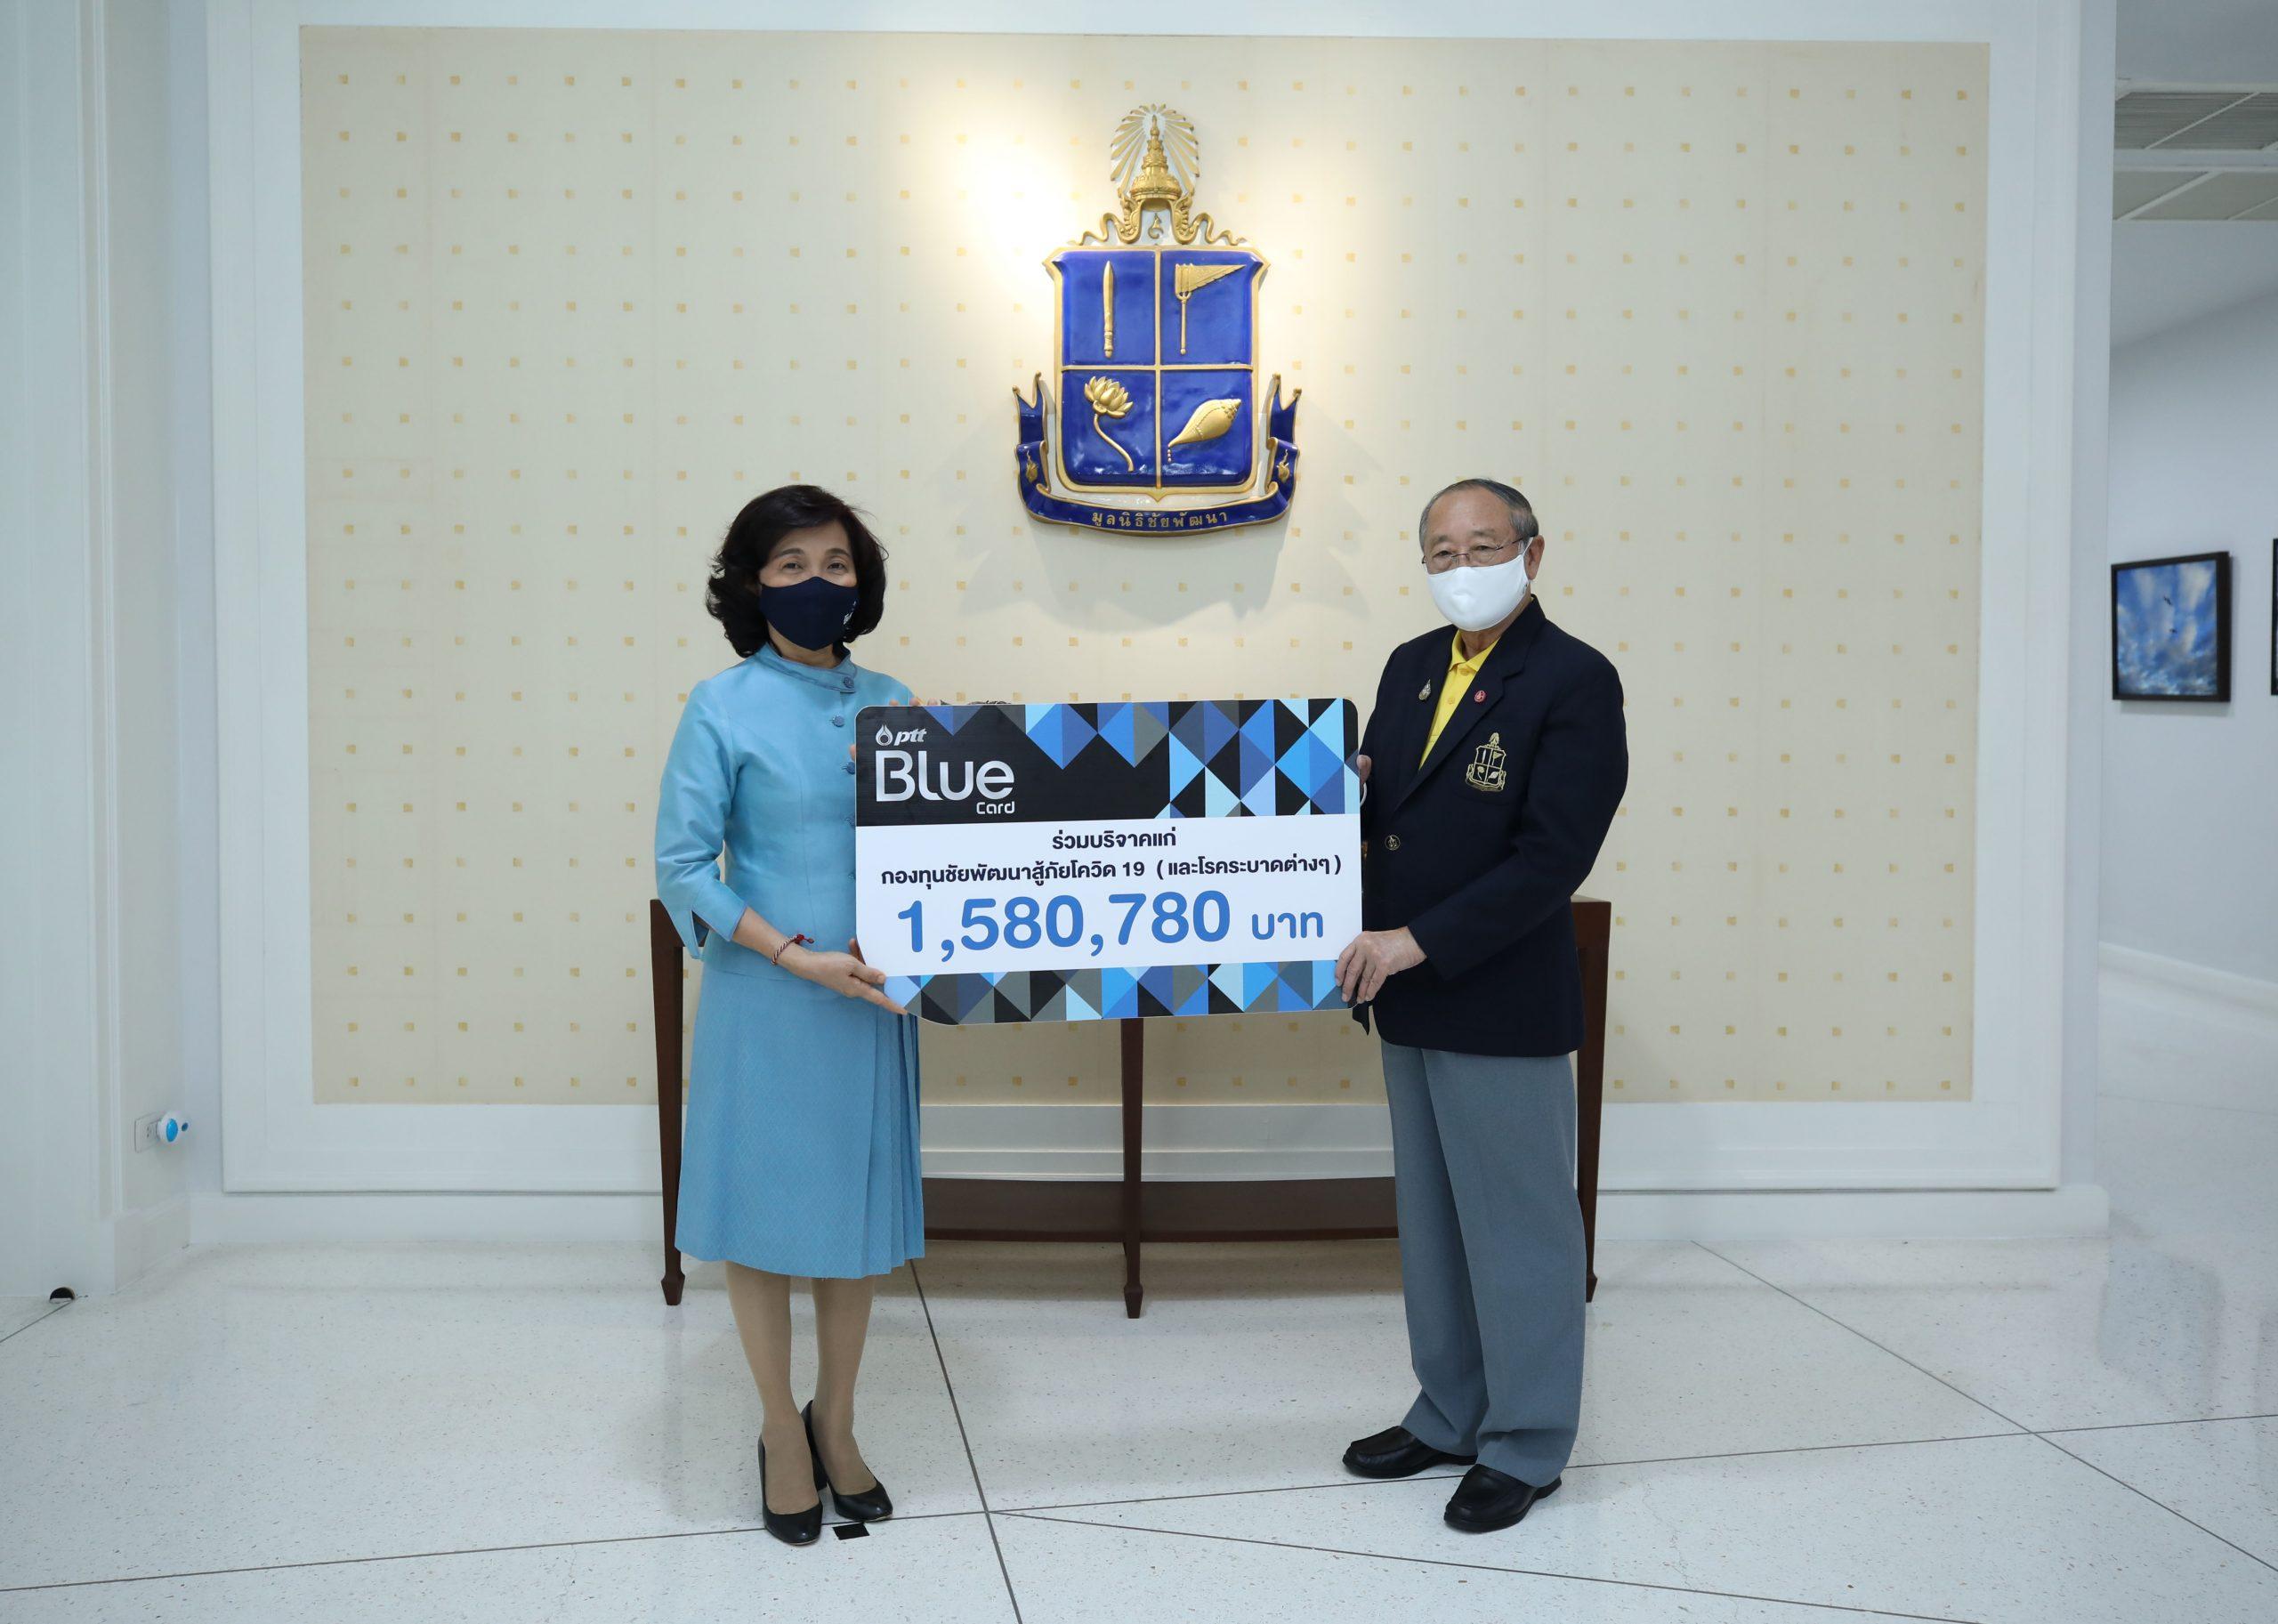 BlueCard PTT กองทุนชัยพัฒนา บลูการ์ด